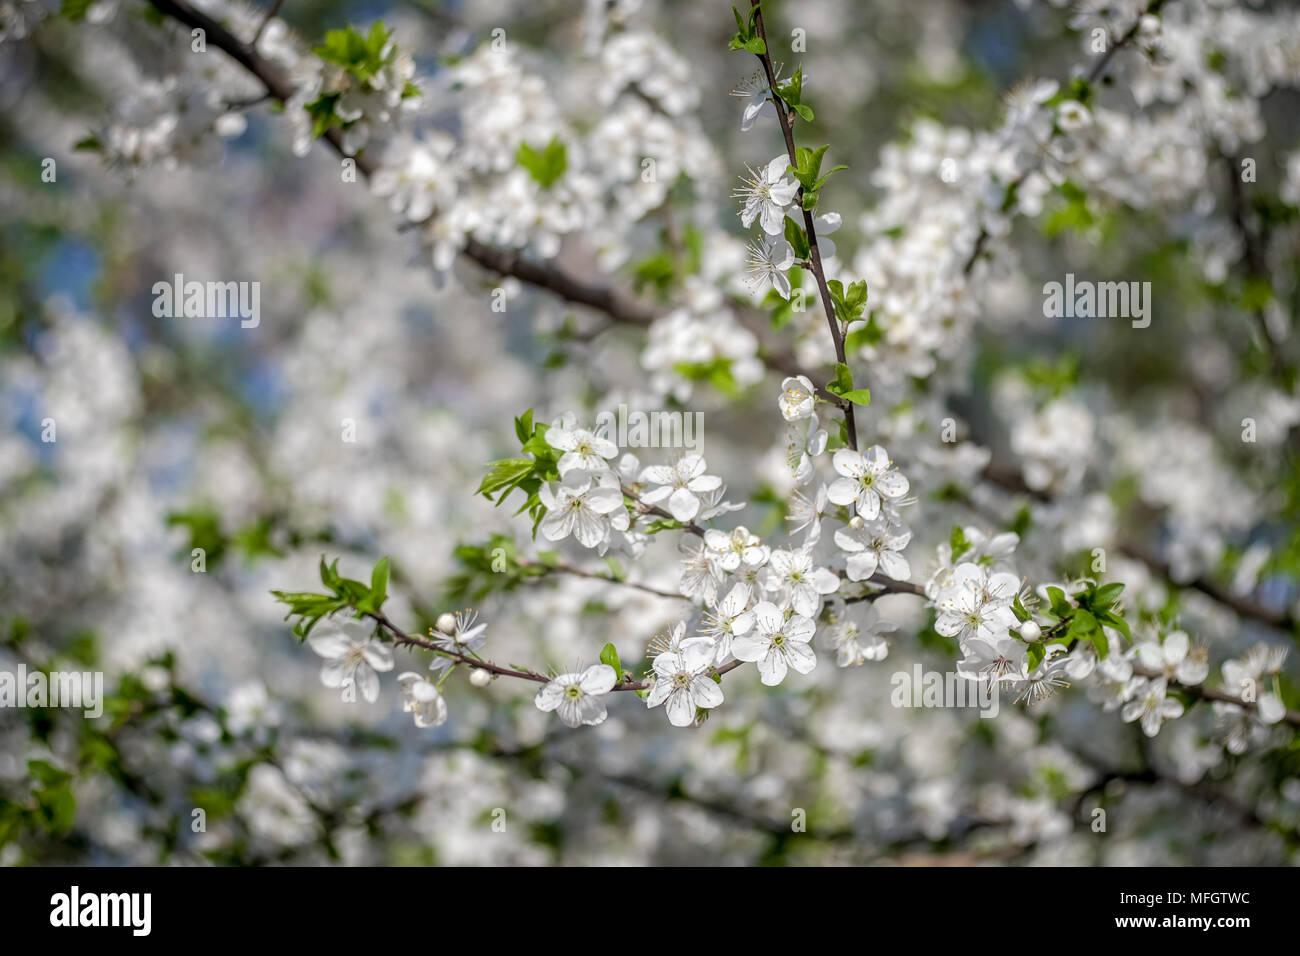 Albero Con Fiori Bianchi fioritura di albero di albicocche in primavera. fiori